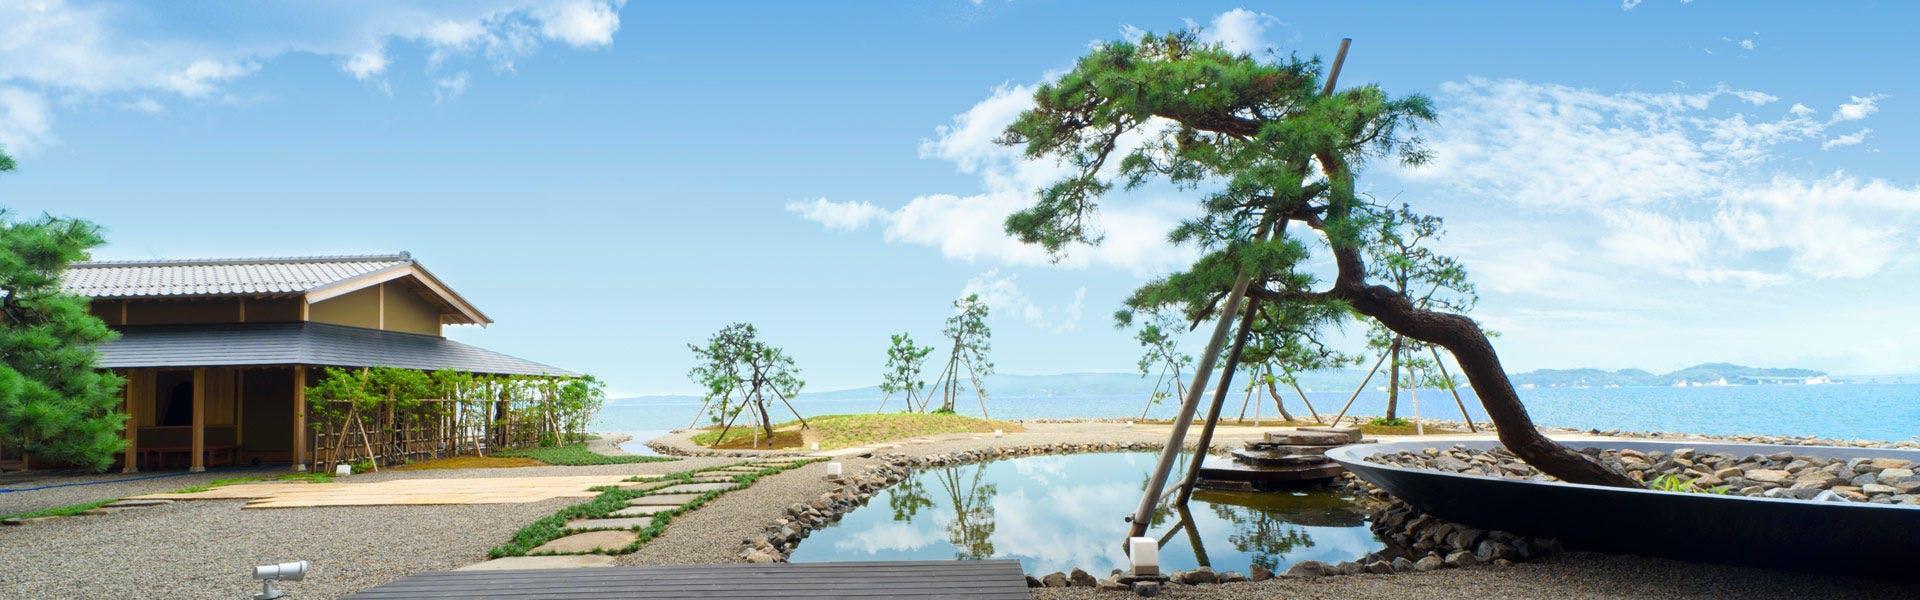 記念日におすすめのホテル・加賀屋別邸 松乃碧の写真1